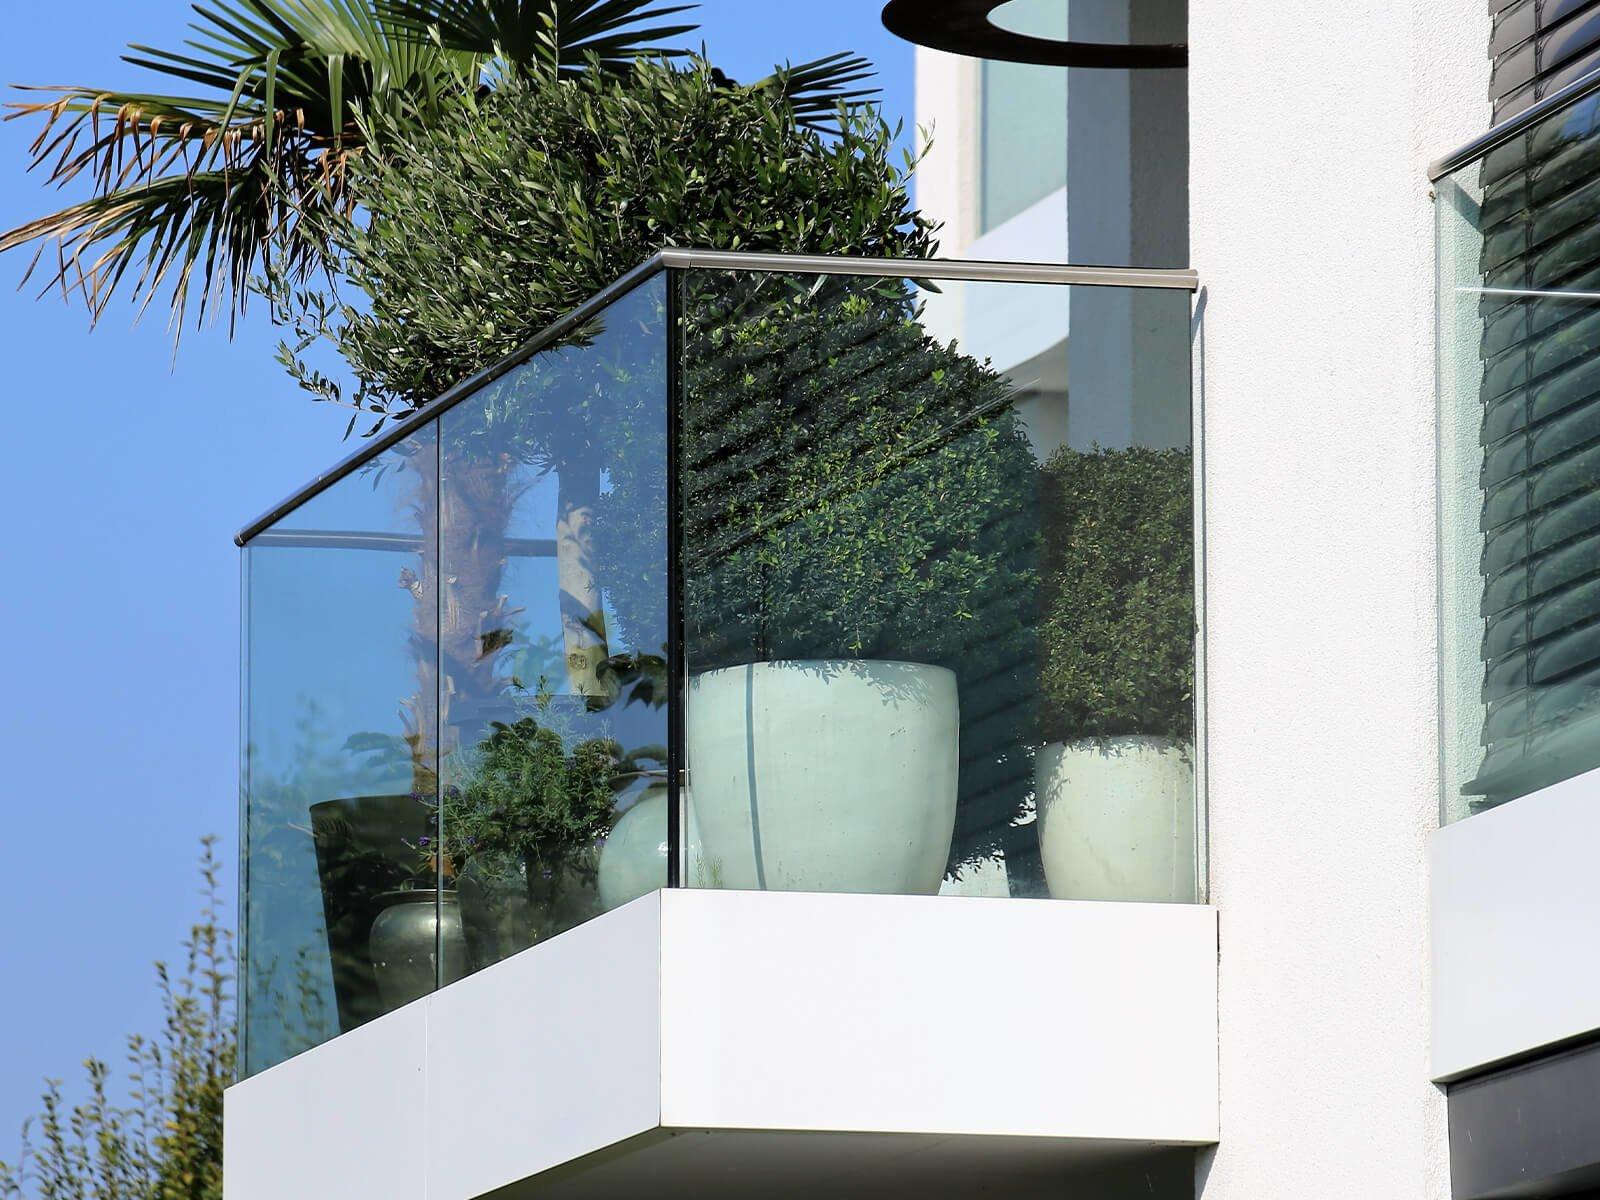 balkongelaender-baldosa-zur-stirnseitigen-montage-mit-flexibler-verblendung